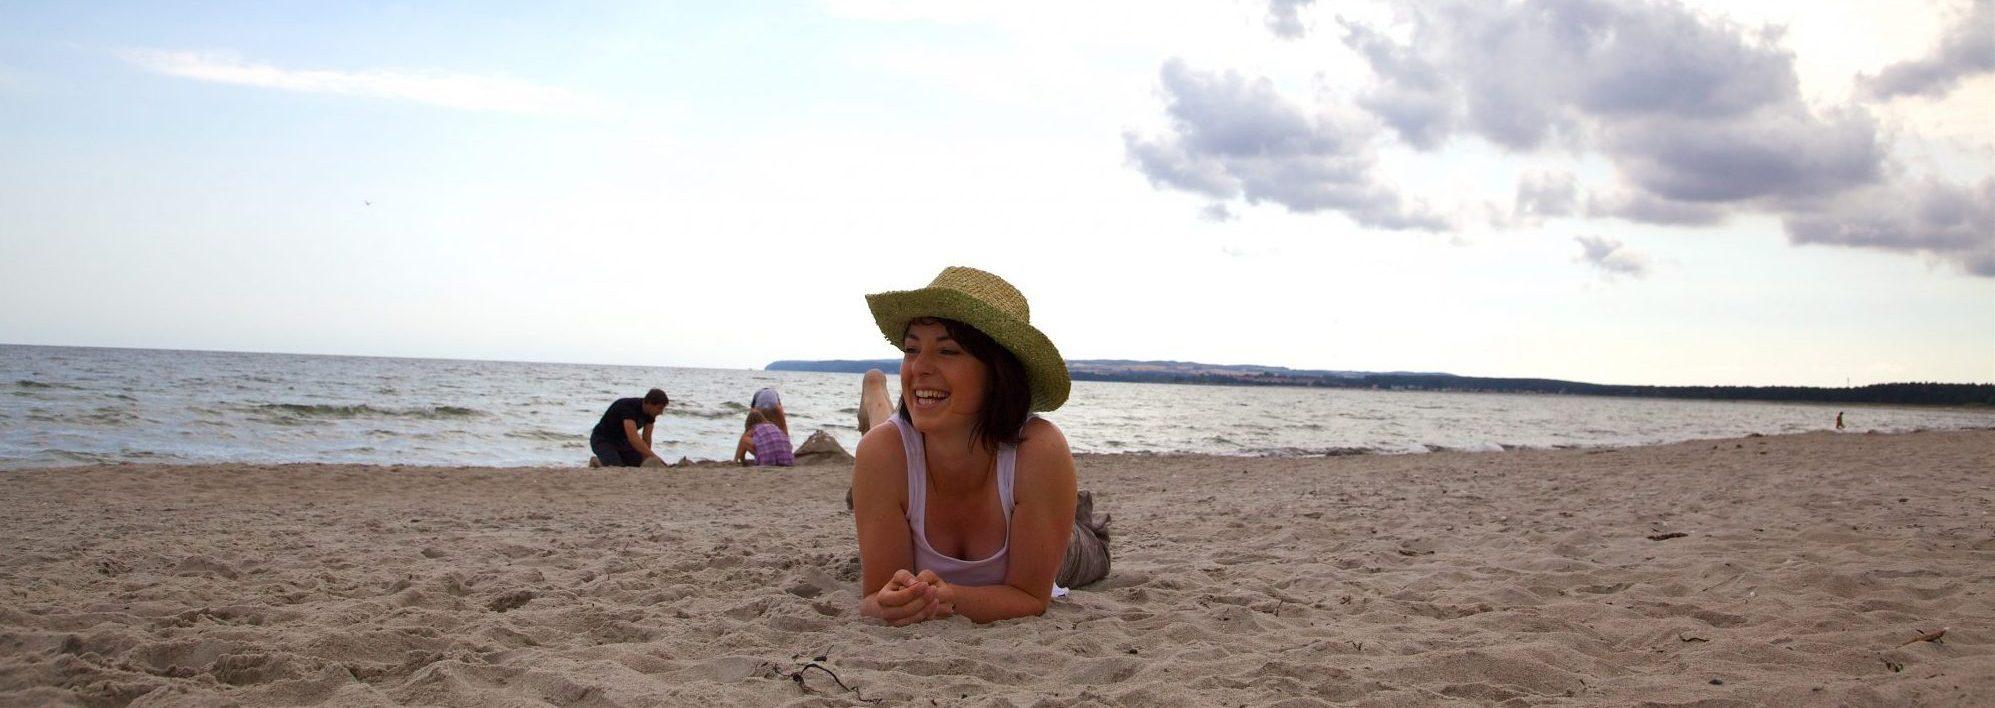 Schaabe Strand Rügen